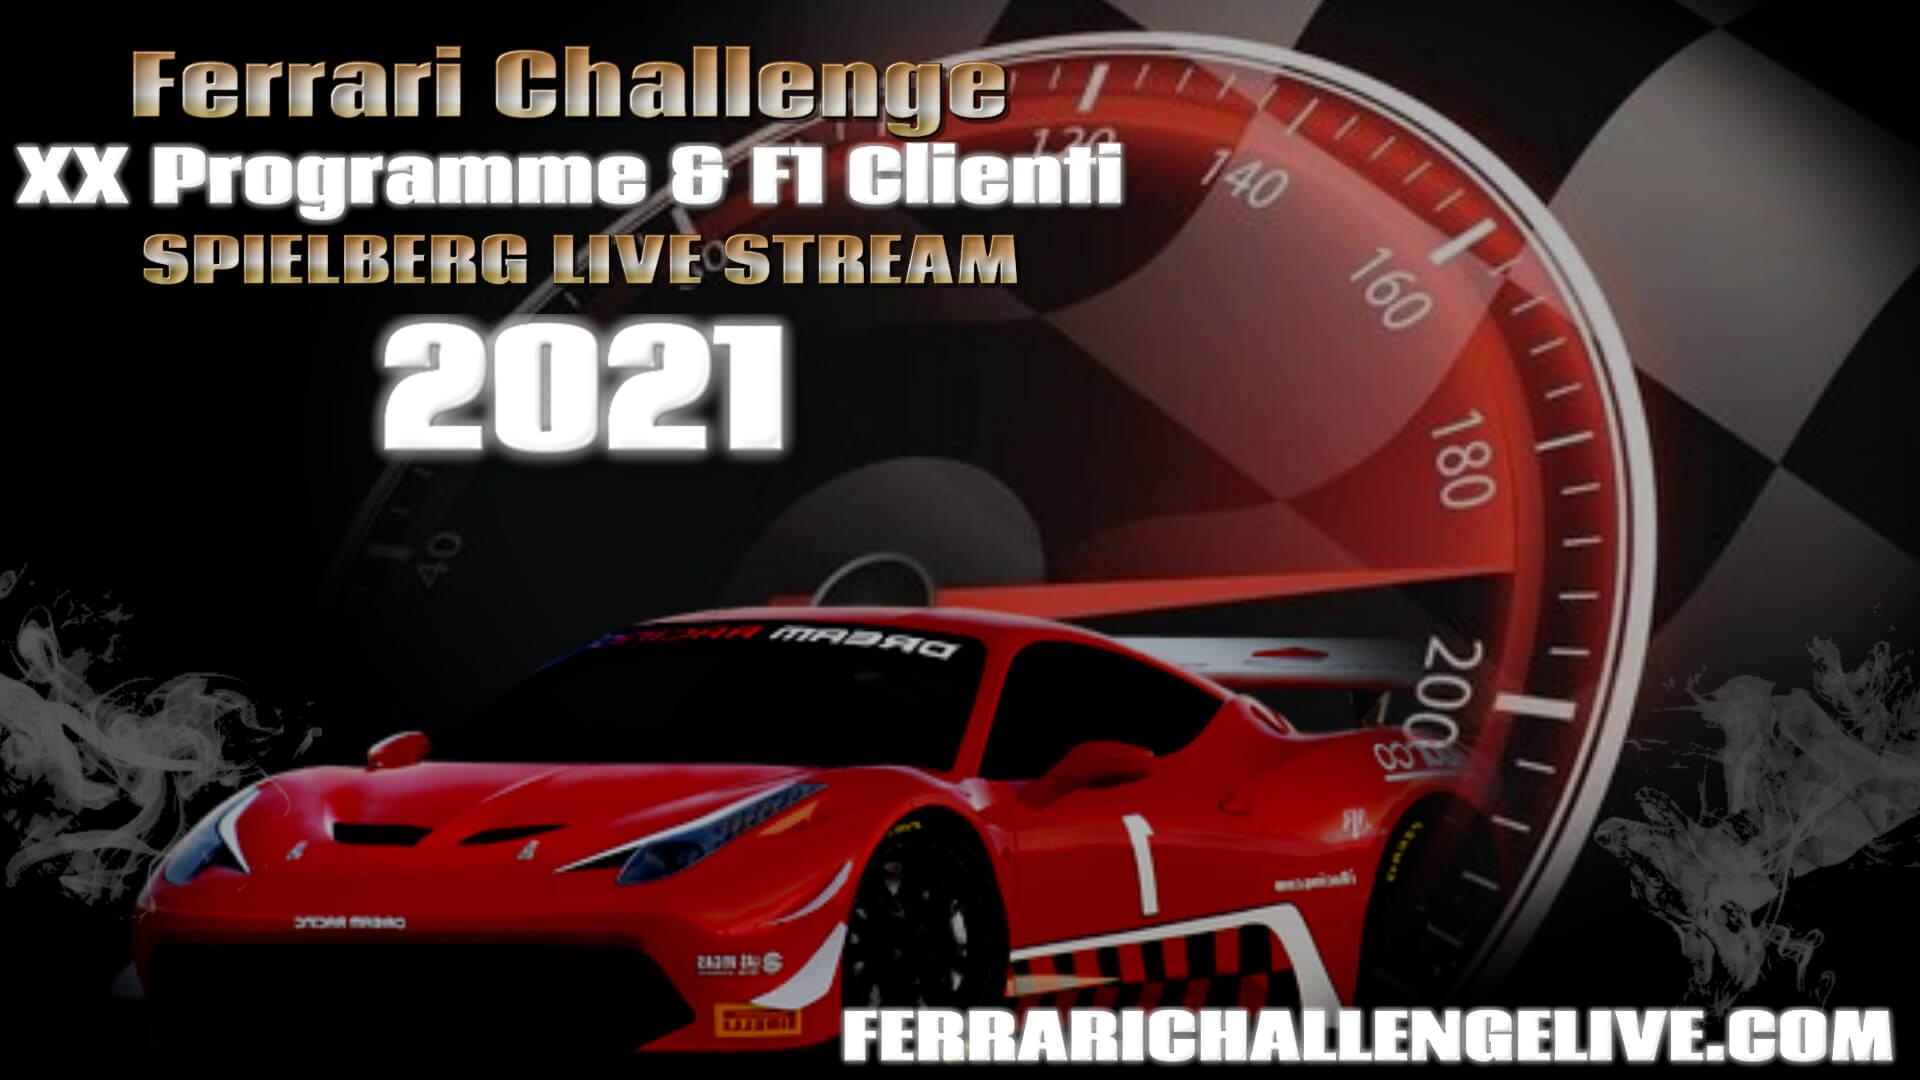 Spielberg Live Stream 2021   Ferrari Challenge F1 Clienti